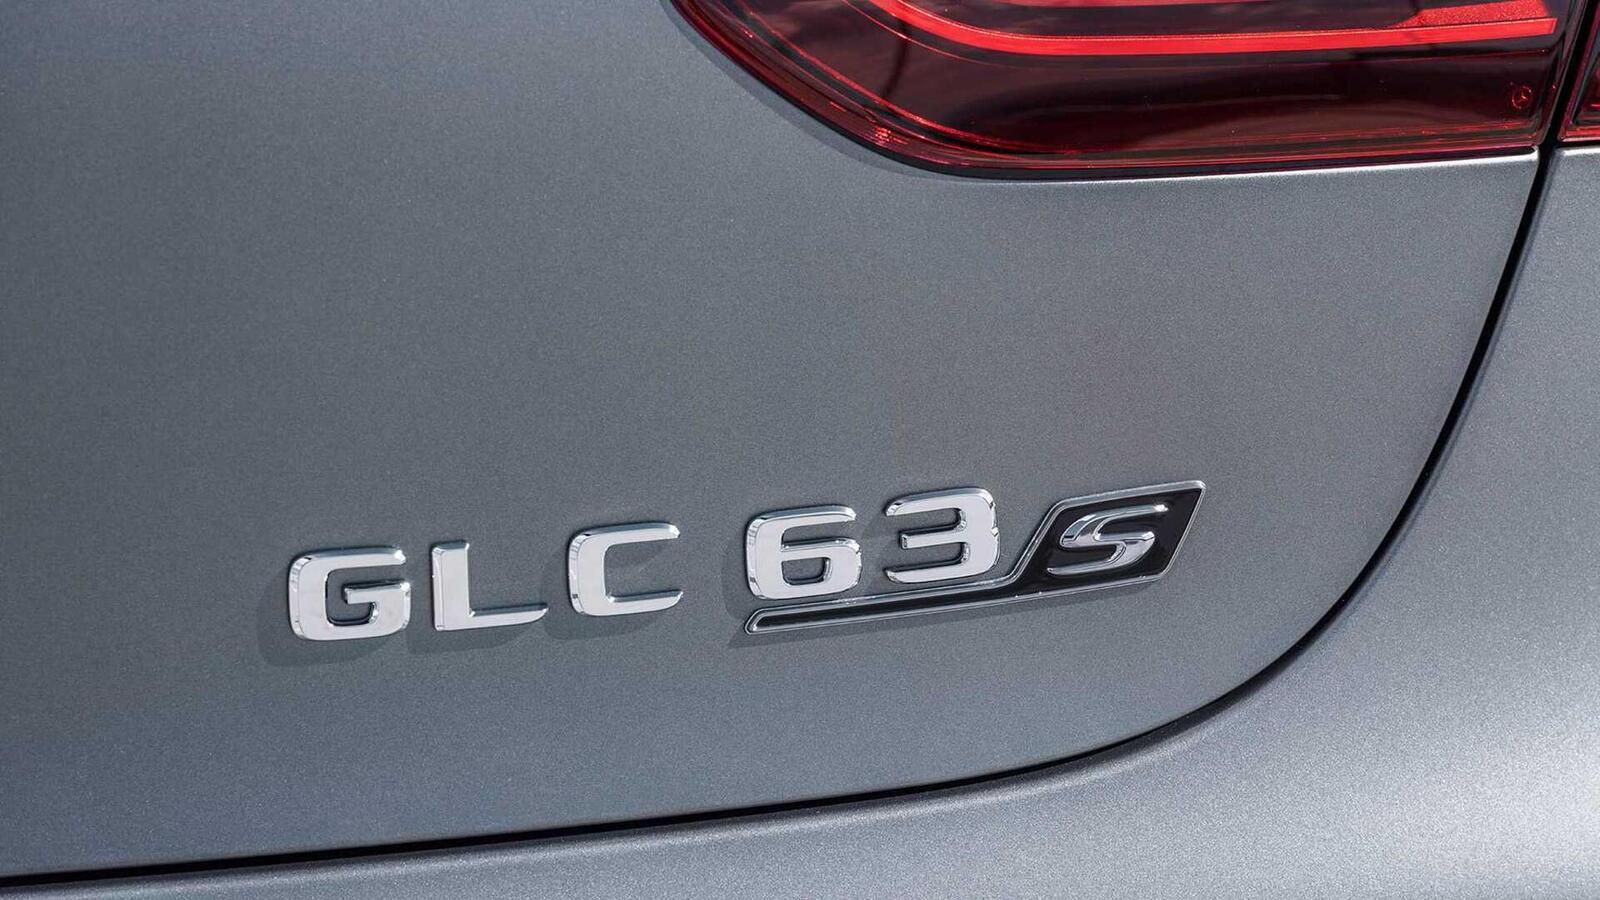 Mercedes-AMG giới thiệu GLC và GLC Coupe 63 mới lắp động cơ V8 4.0L Biturbo mạnh hơn 460 mã lực - Hình 28